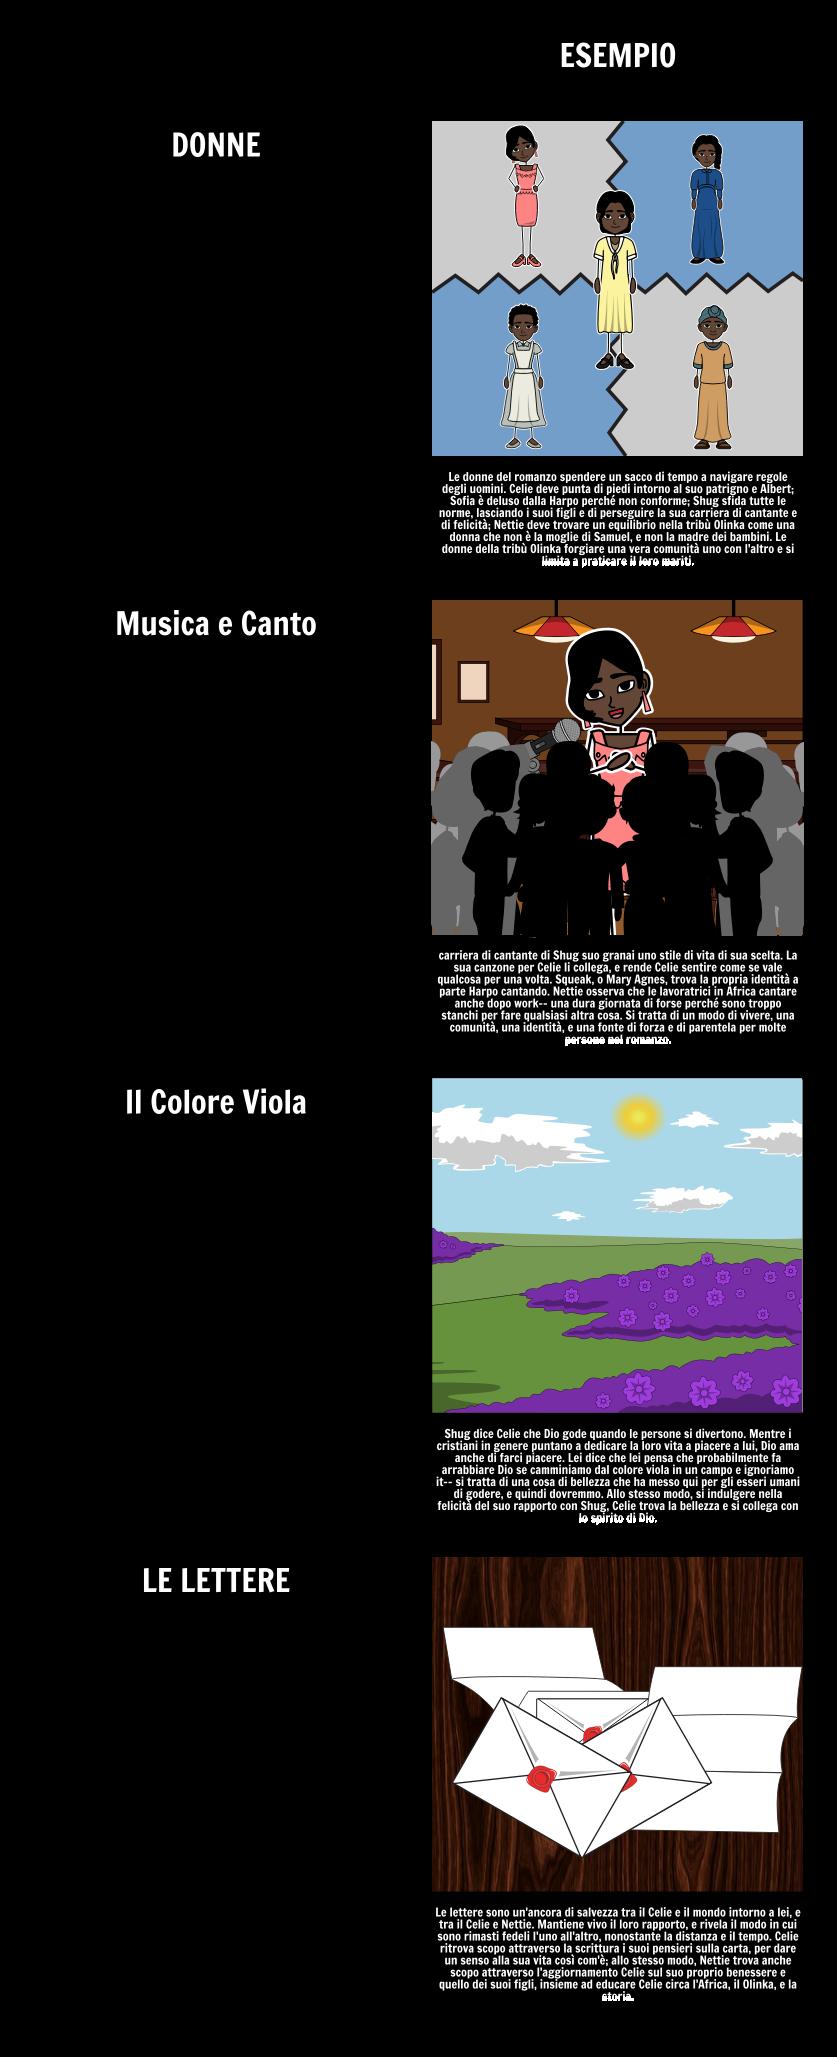 Temi, Simboli e Motivi in Il Colore Viola